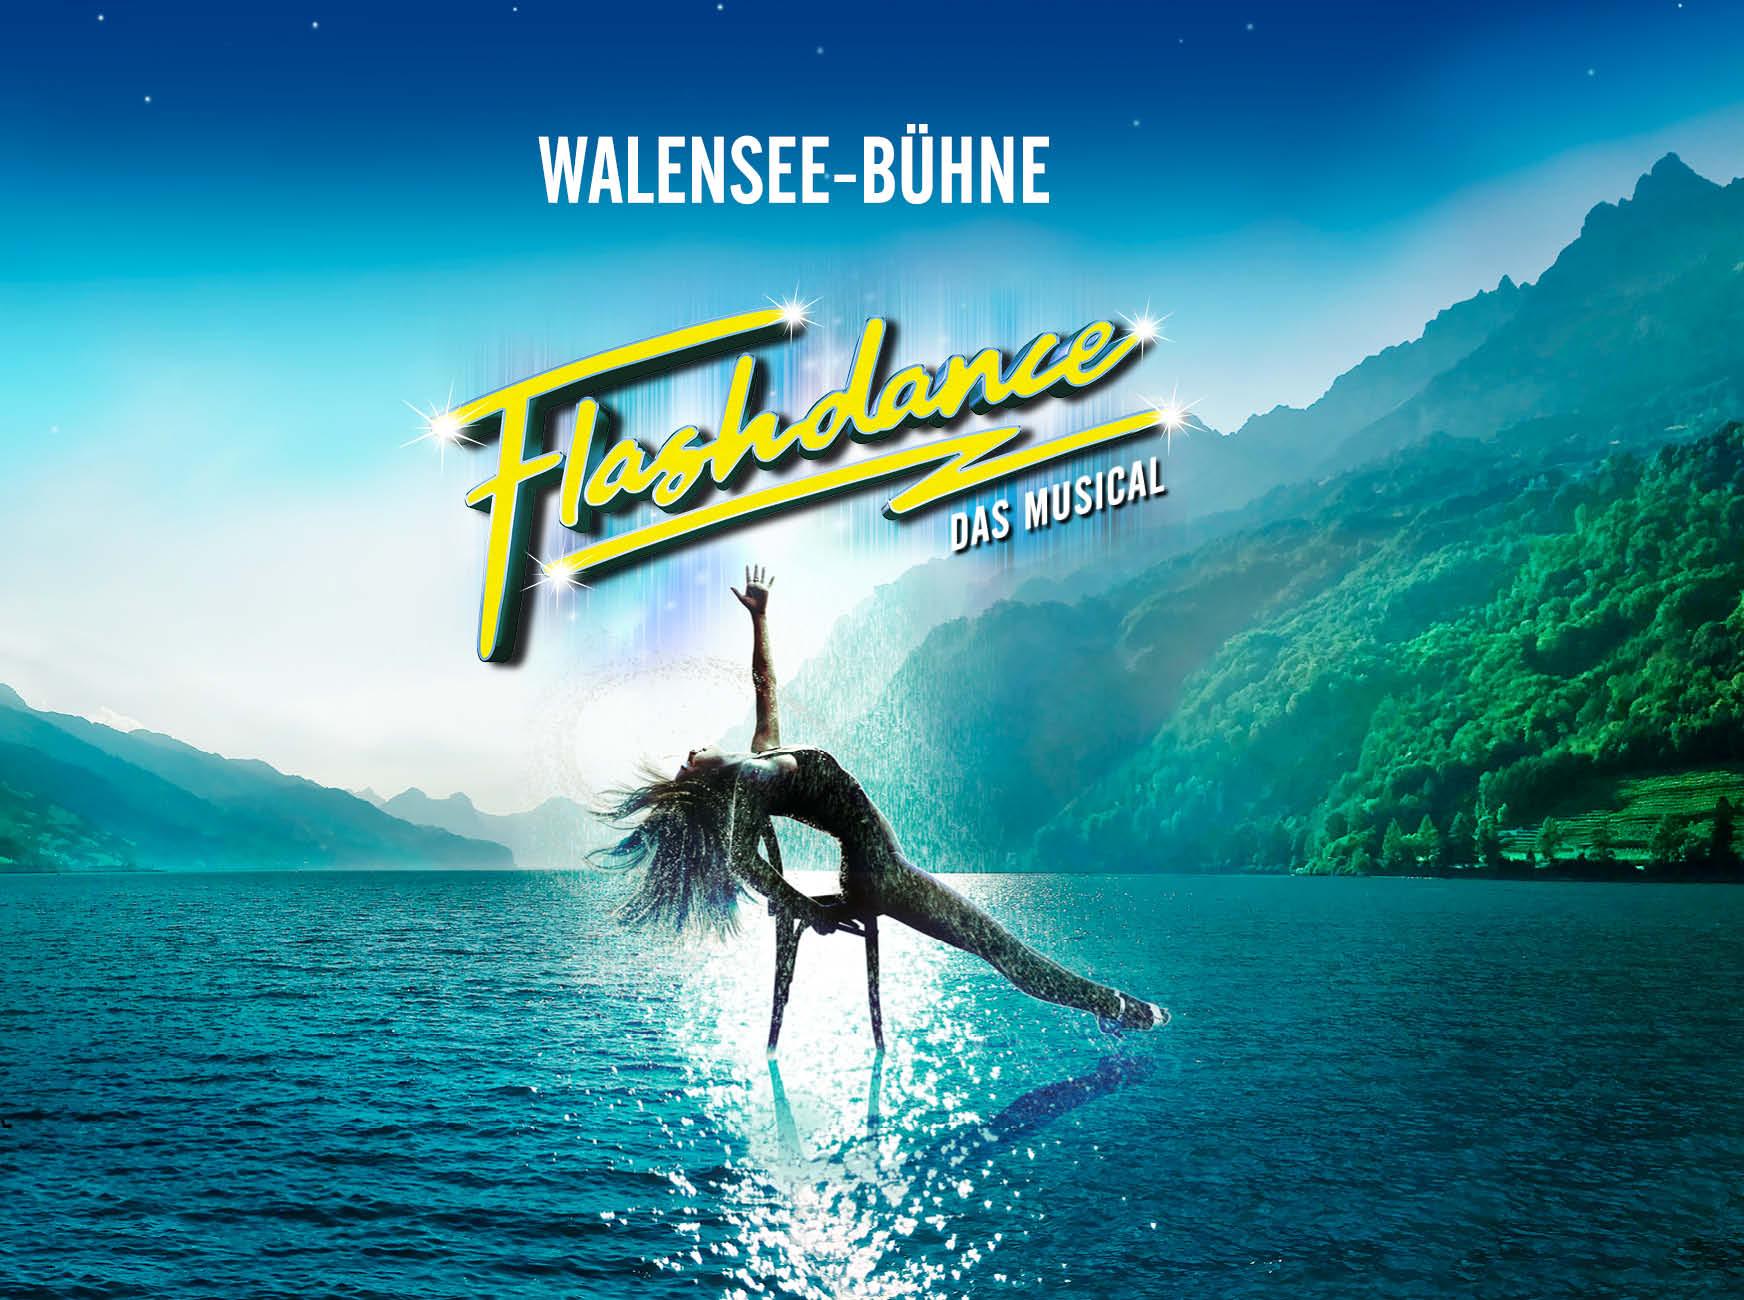 Flashdance - Das Musical vom 17. Juni bis 25. Juli 2020 auf der Walensee-Bühne